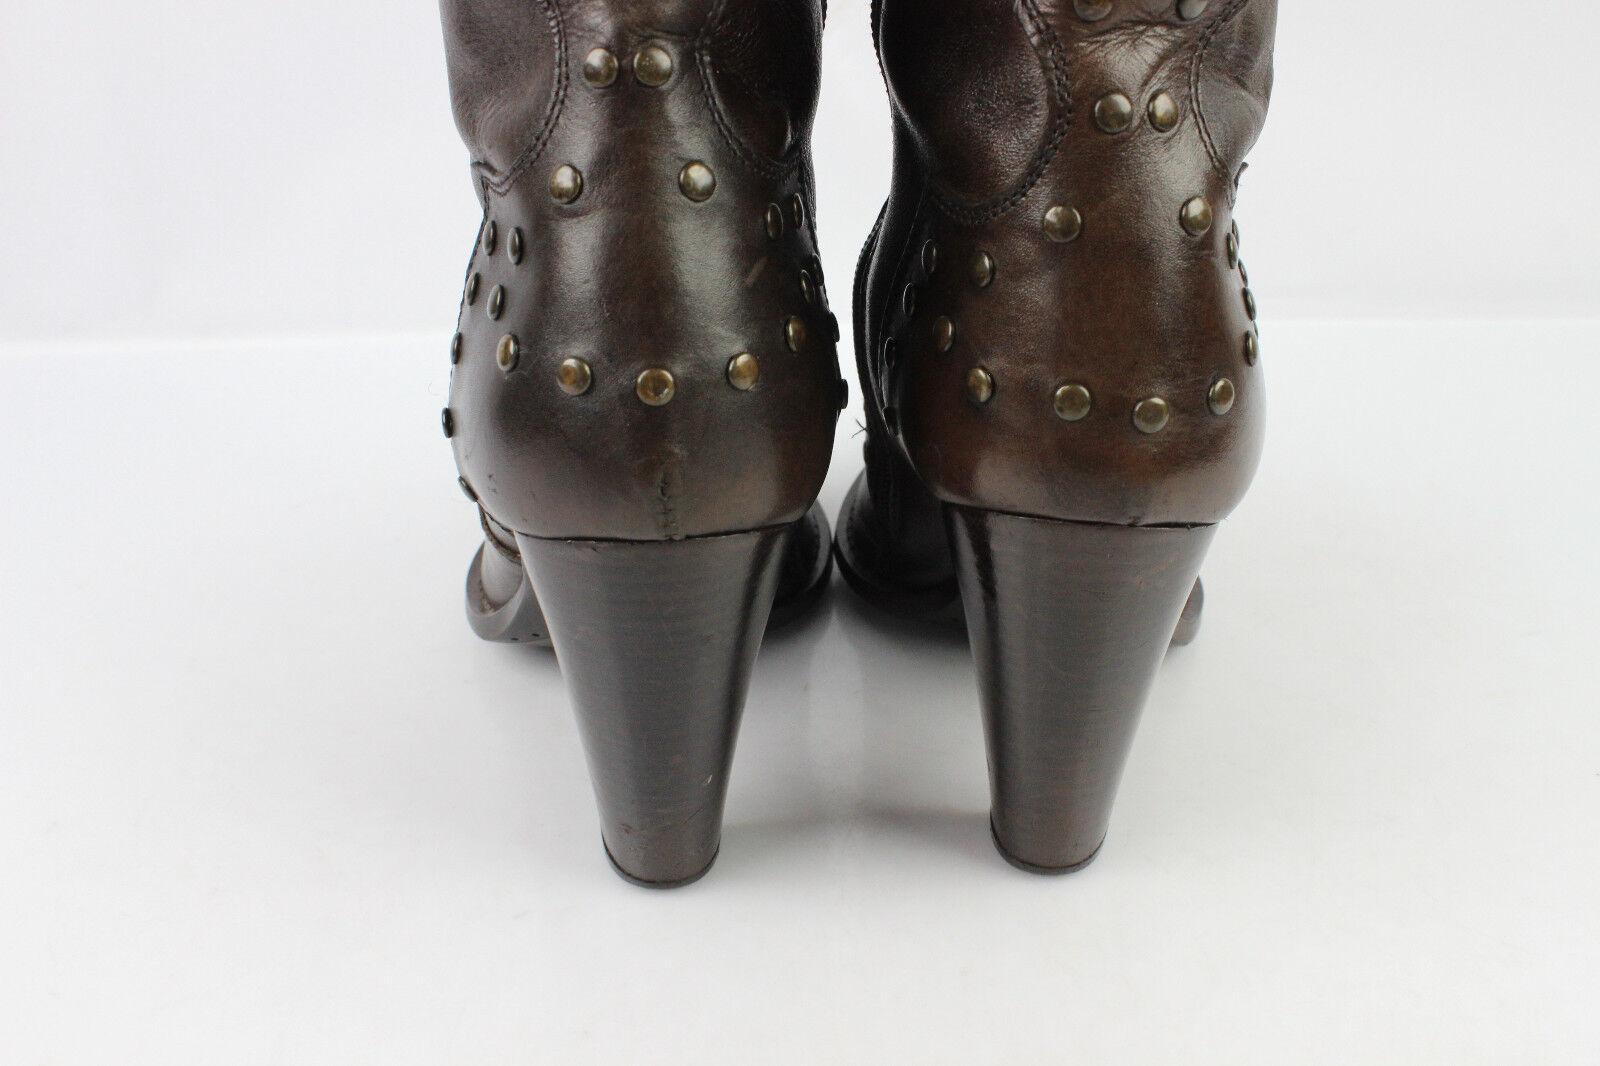 Stiefel FLAYER Leder Nietenbesetzt braun t 37 37 37 seht guter Zustand  | Kostengünstig  c99255